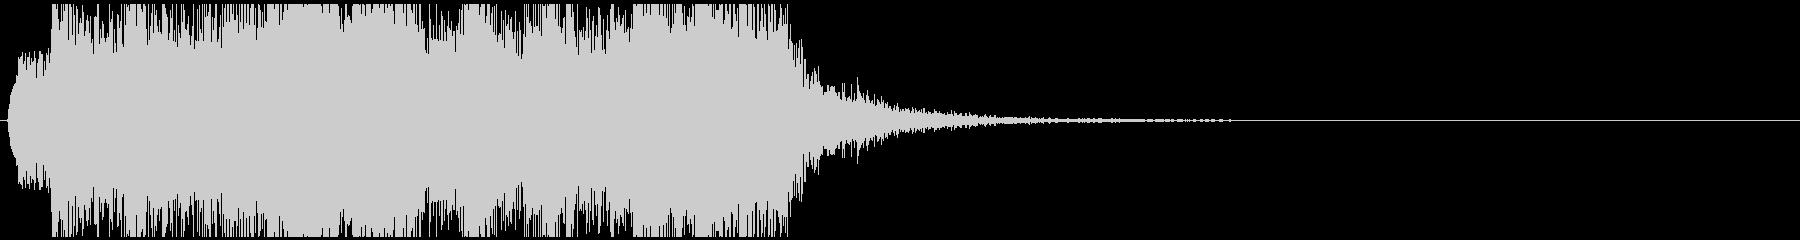 豪華な音の未再生の波形